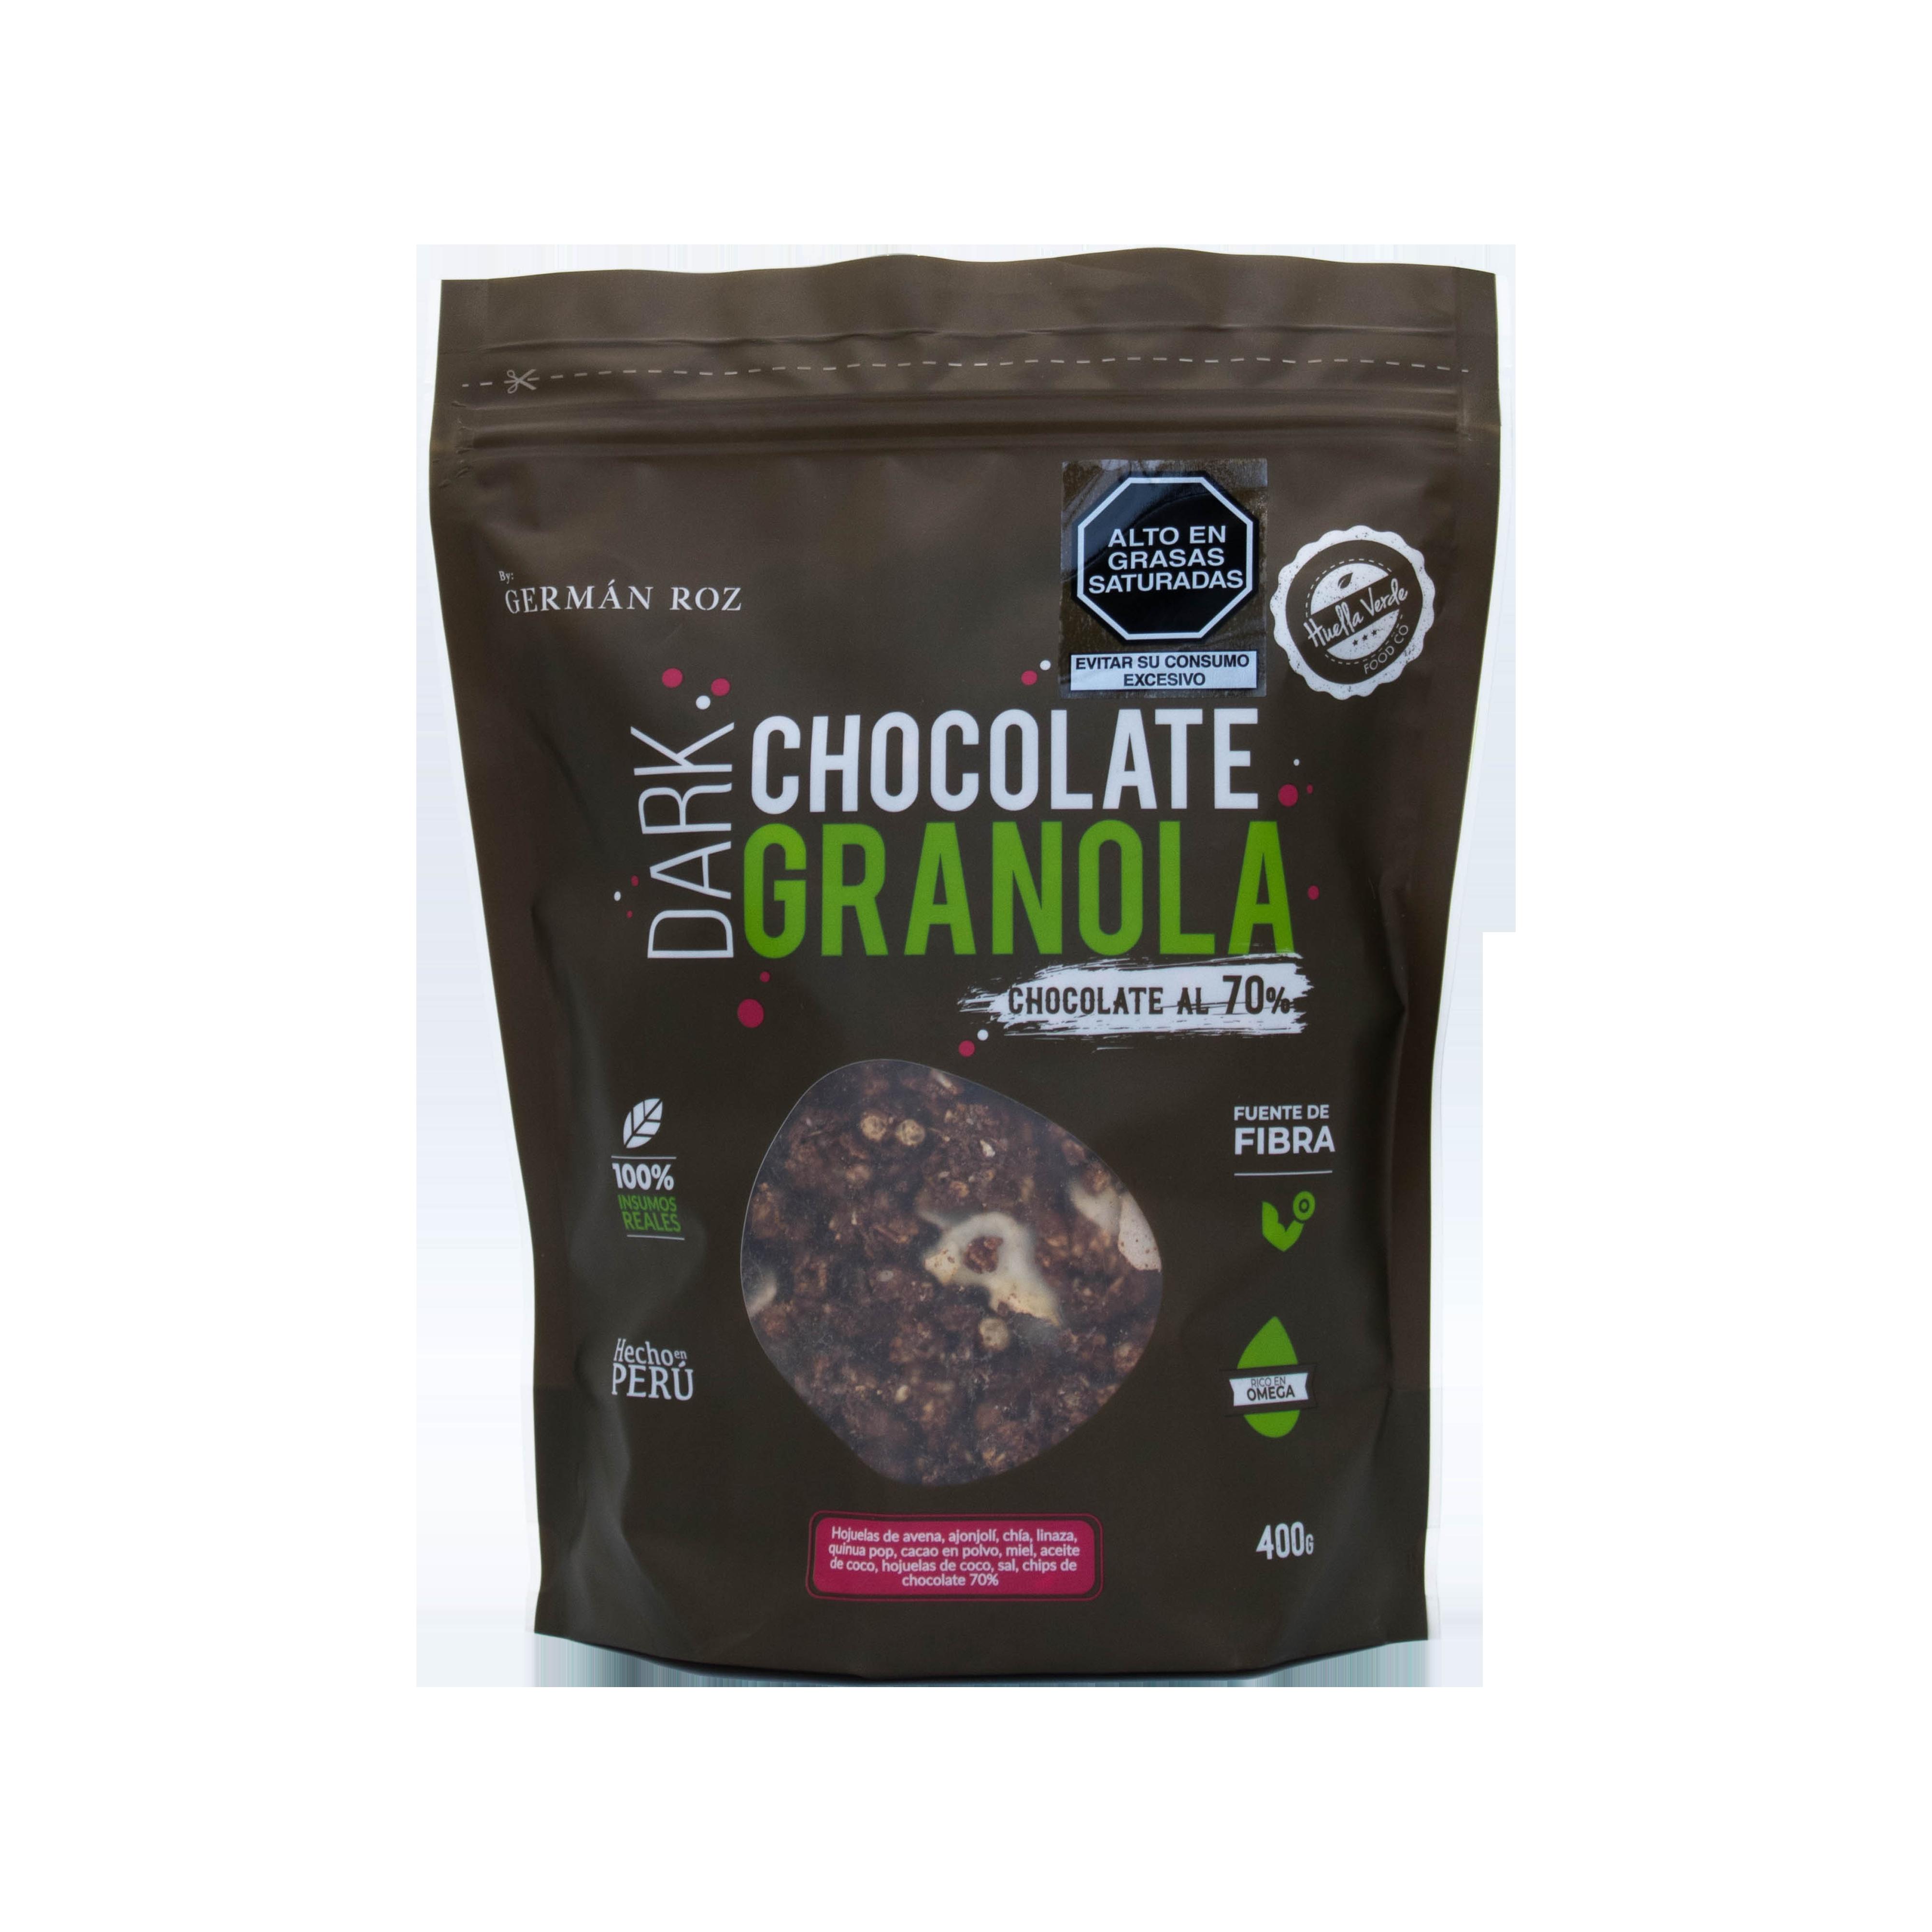 ¡Disfruta la nueva Dark Chocolate Granola con chocolate al 70%!  Está elaborado con insumos 100% naturales y peruanos, fuente de fibra y rico en omega.  Contiene: Hojuelas de avena, chía, semillas de ajonjolí, linaza, quinua pop, cacao en polvo, miel, aceite de coco, chips de chocolate al 70% y hojuelas de coco.  *A base de cacao orgánico y coco, ingredientes con grasa saturada por su naturaleza. No usamos aditivos.  Doypack 400gr.